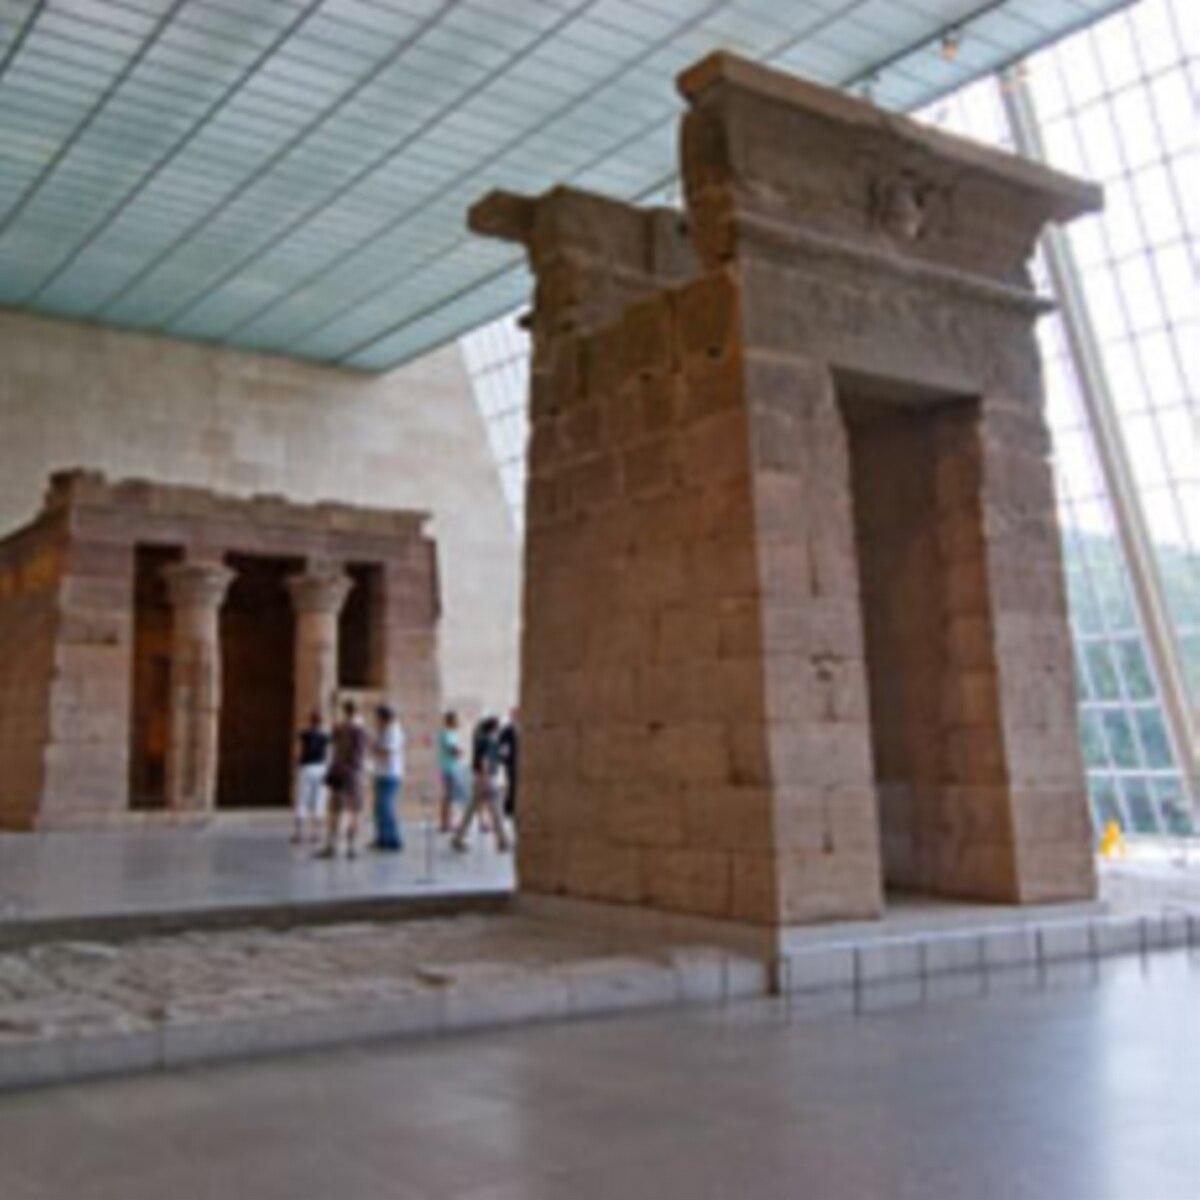 Visiting the Met